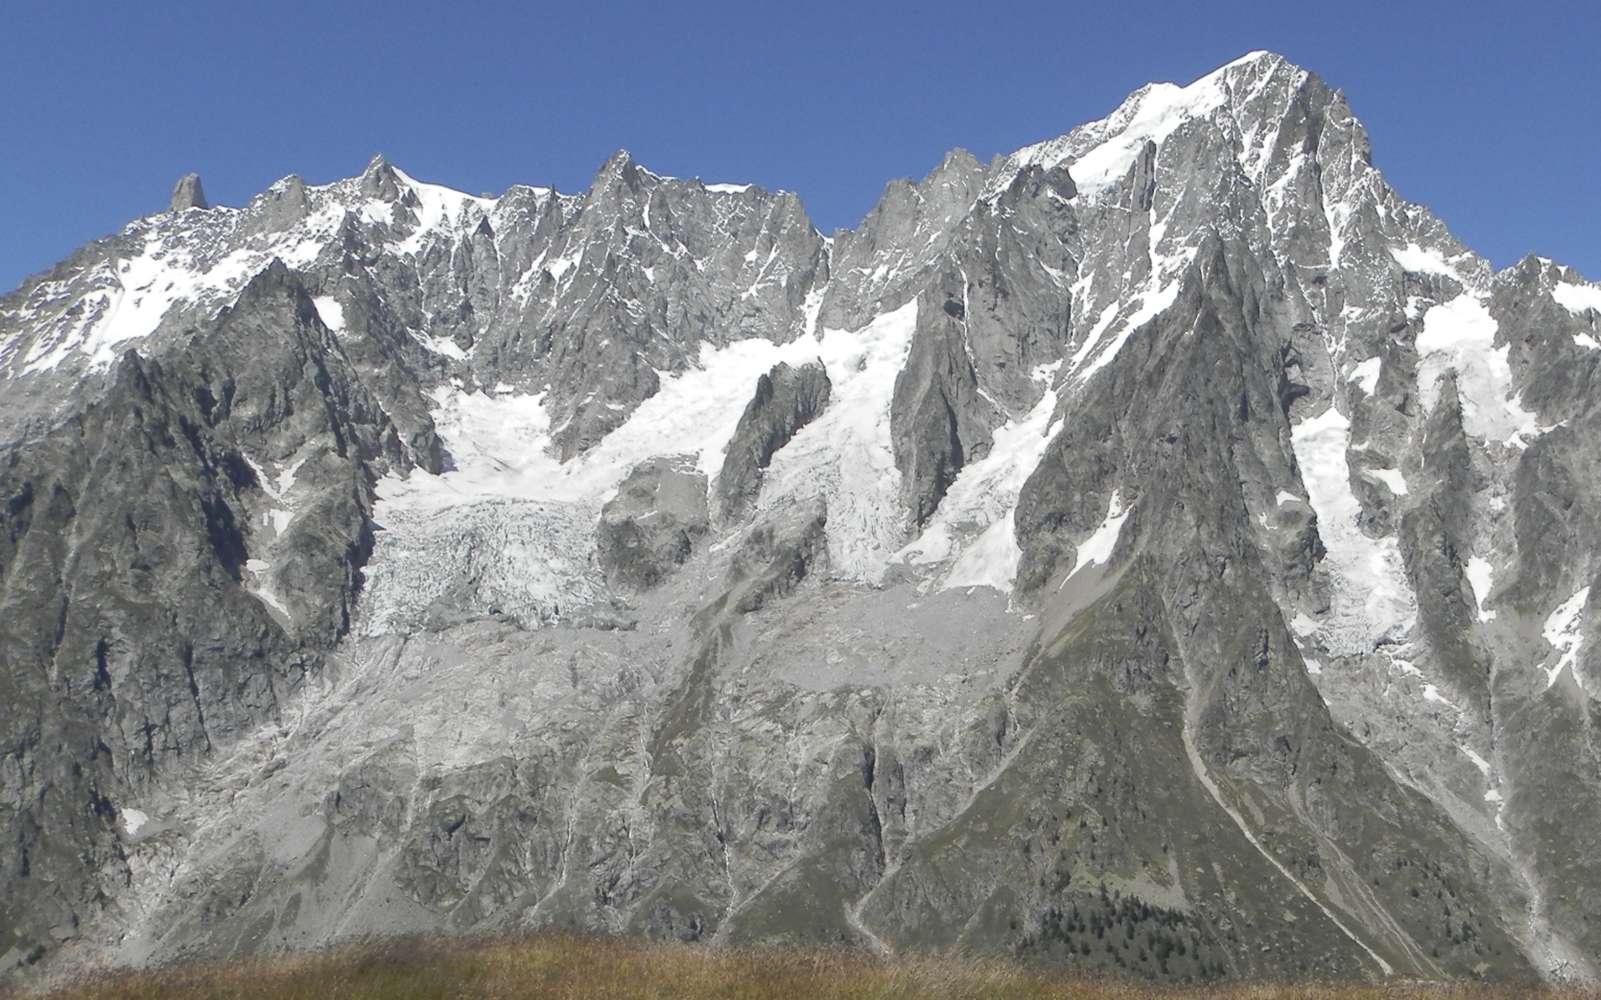 À cheval sur la Haute-Savoie (France) et la Vallée d'Aoste (Italie), la face sud des Grandes Jorasses et, à gauche, le glacier de Planpincieux sur le massif du Mont-Blanc.